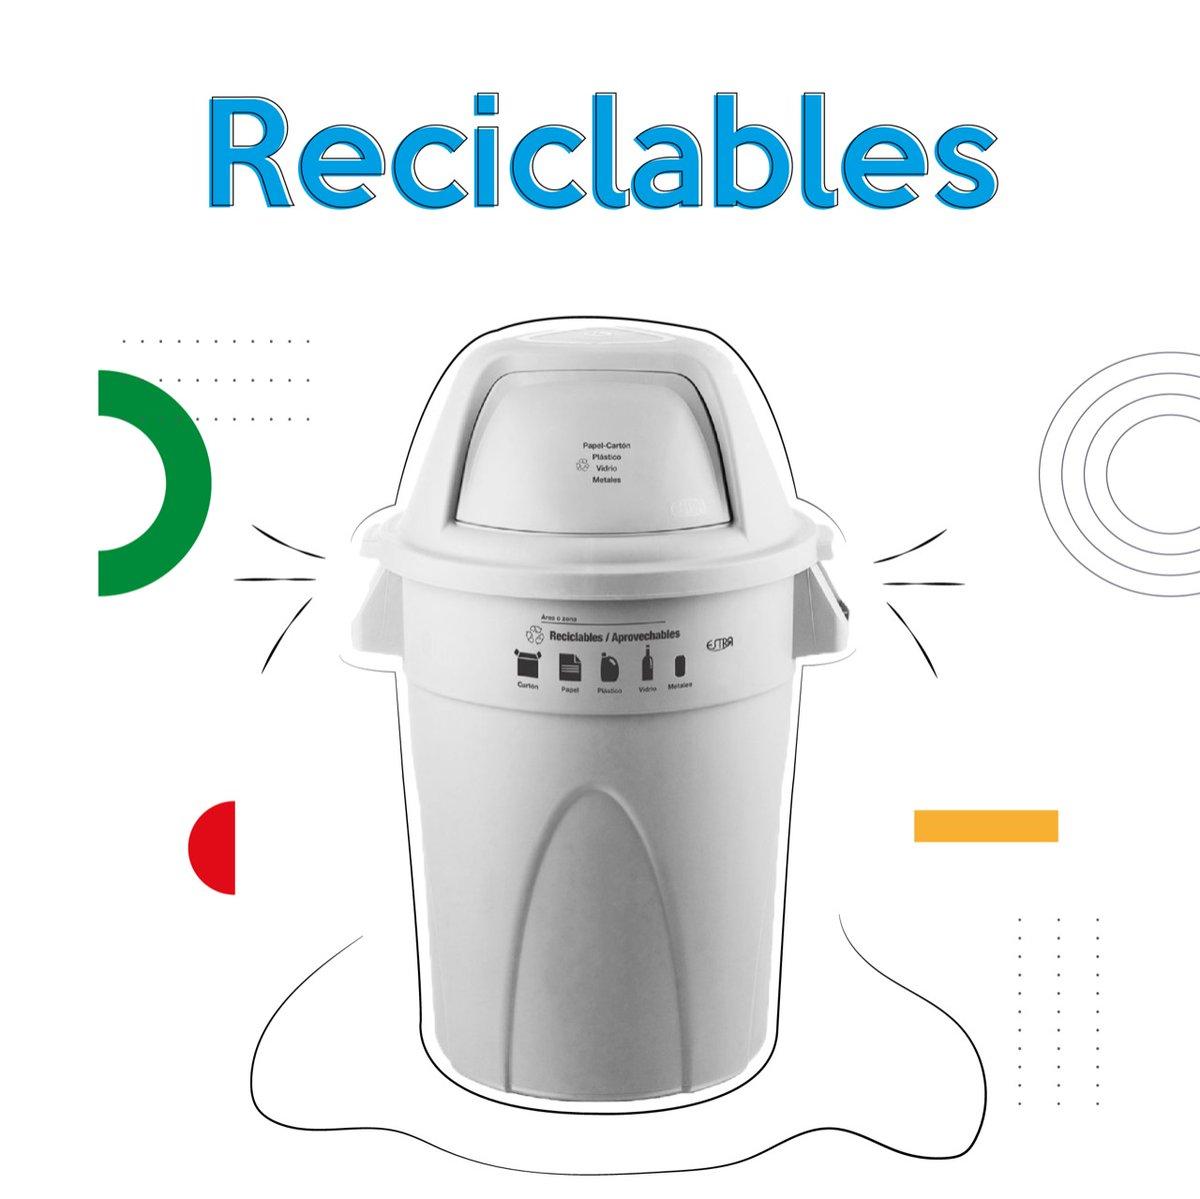 ⚪️ #Blanco:   ♻️Residuos aprovechables limpios y secos, como plástico, vidrio, metales, papel y cartón.   🗣Separa correctamente por color ⚪️🟢⚫️